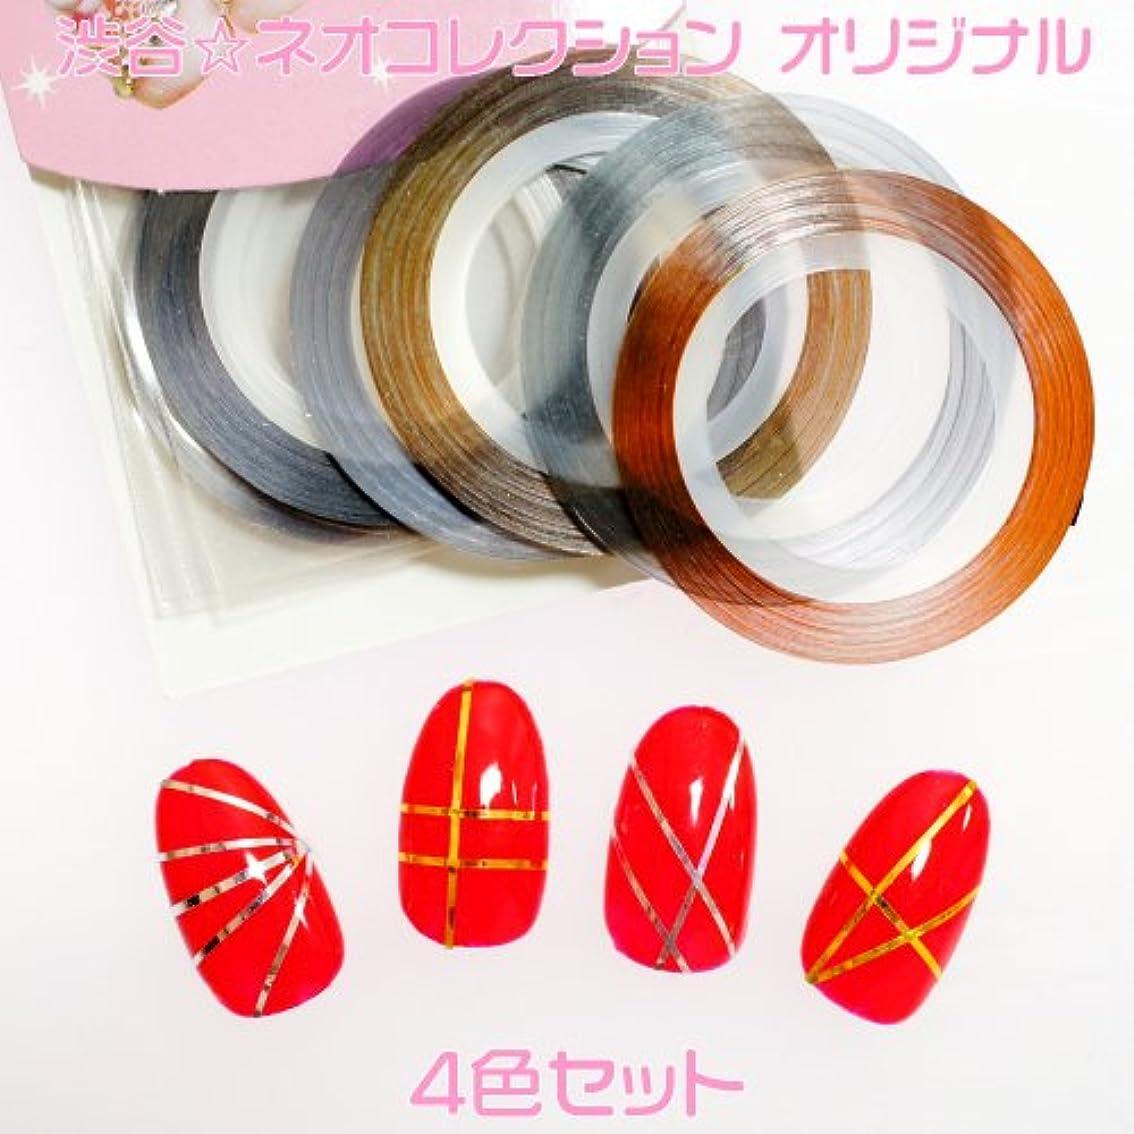 落ち着いた違う大きさネイルアート用 ラインテープ ゴールドシルバー4種セット ラインアートテープ